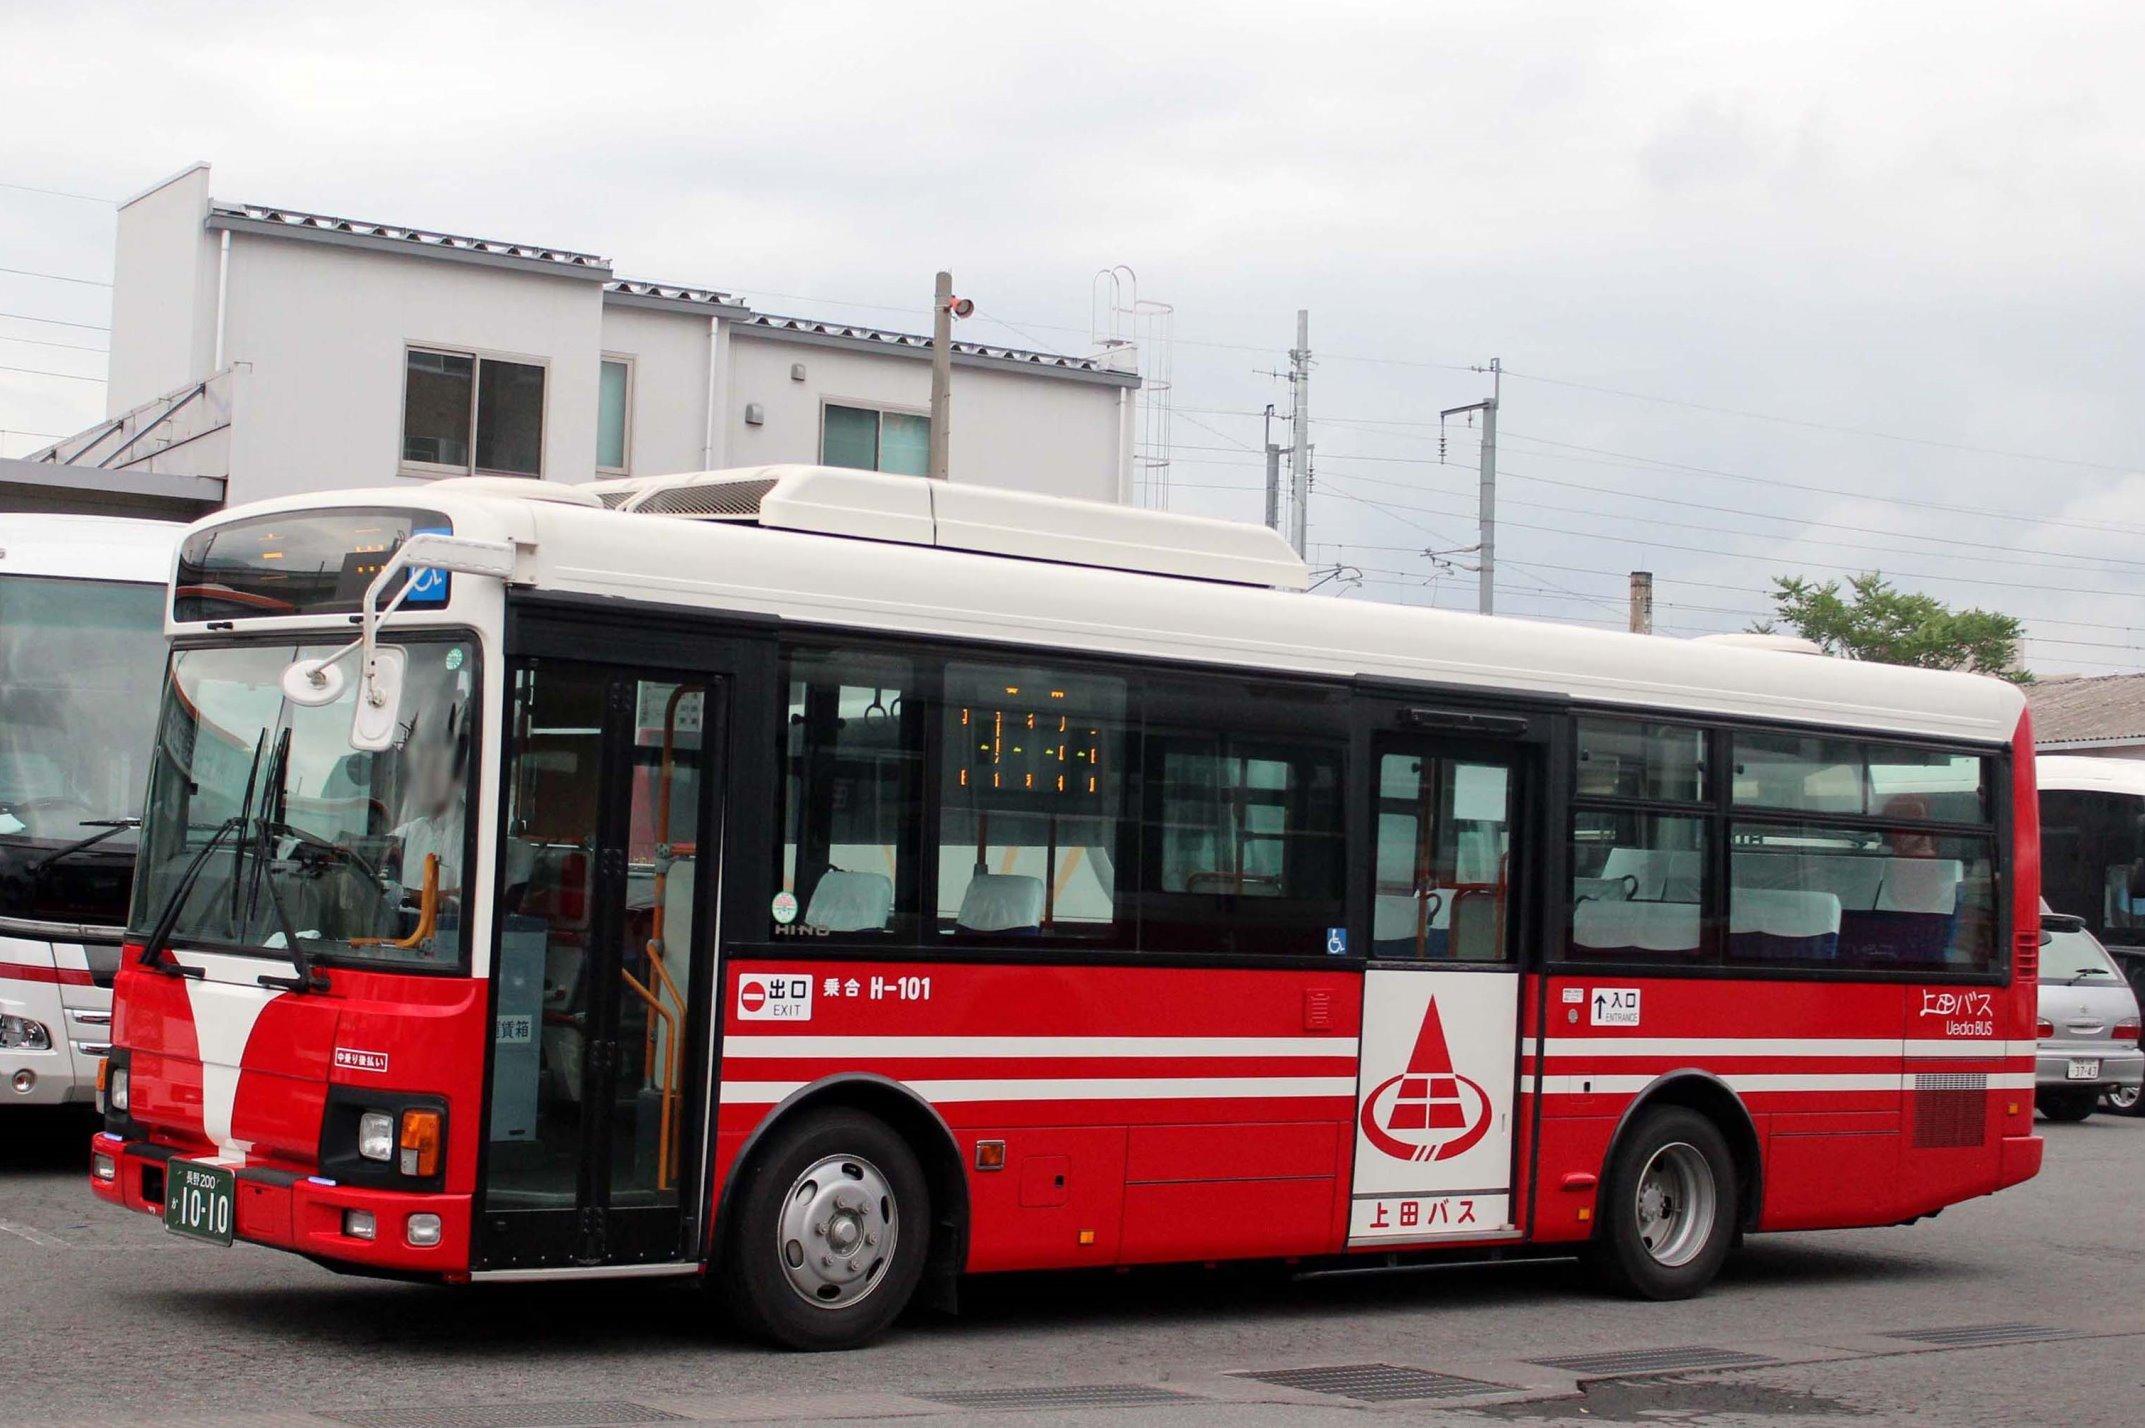 上田バス H-101